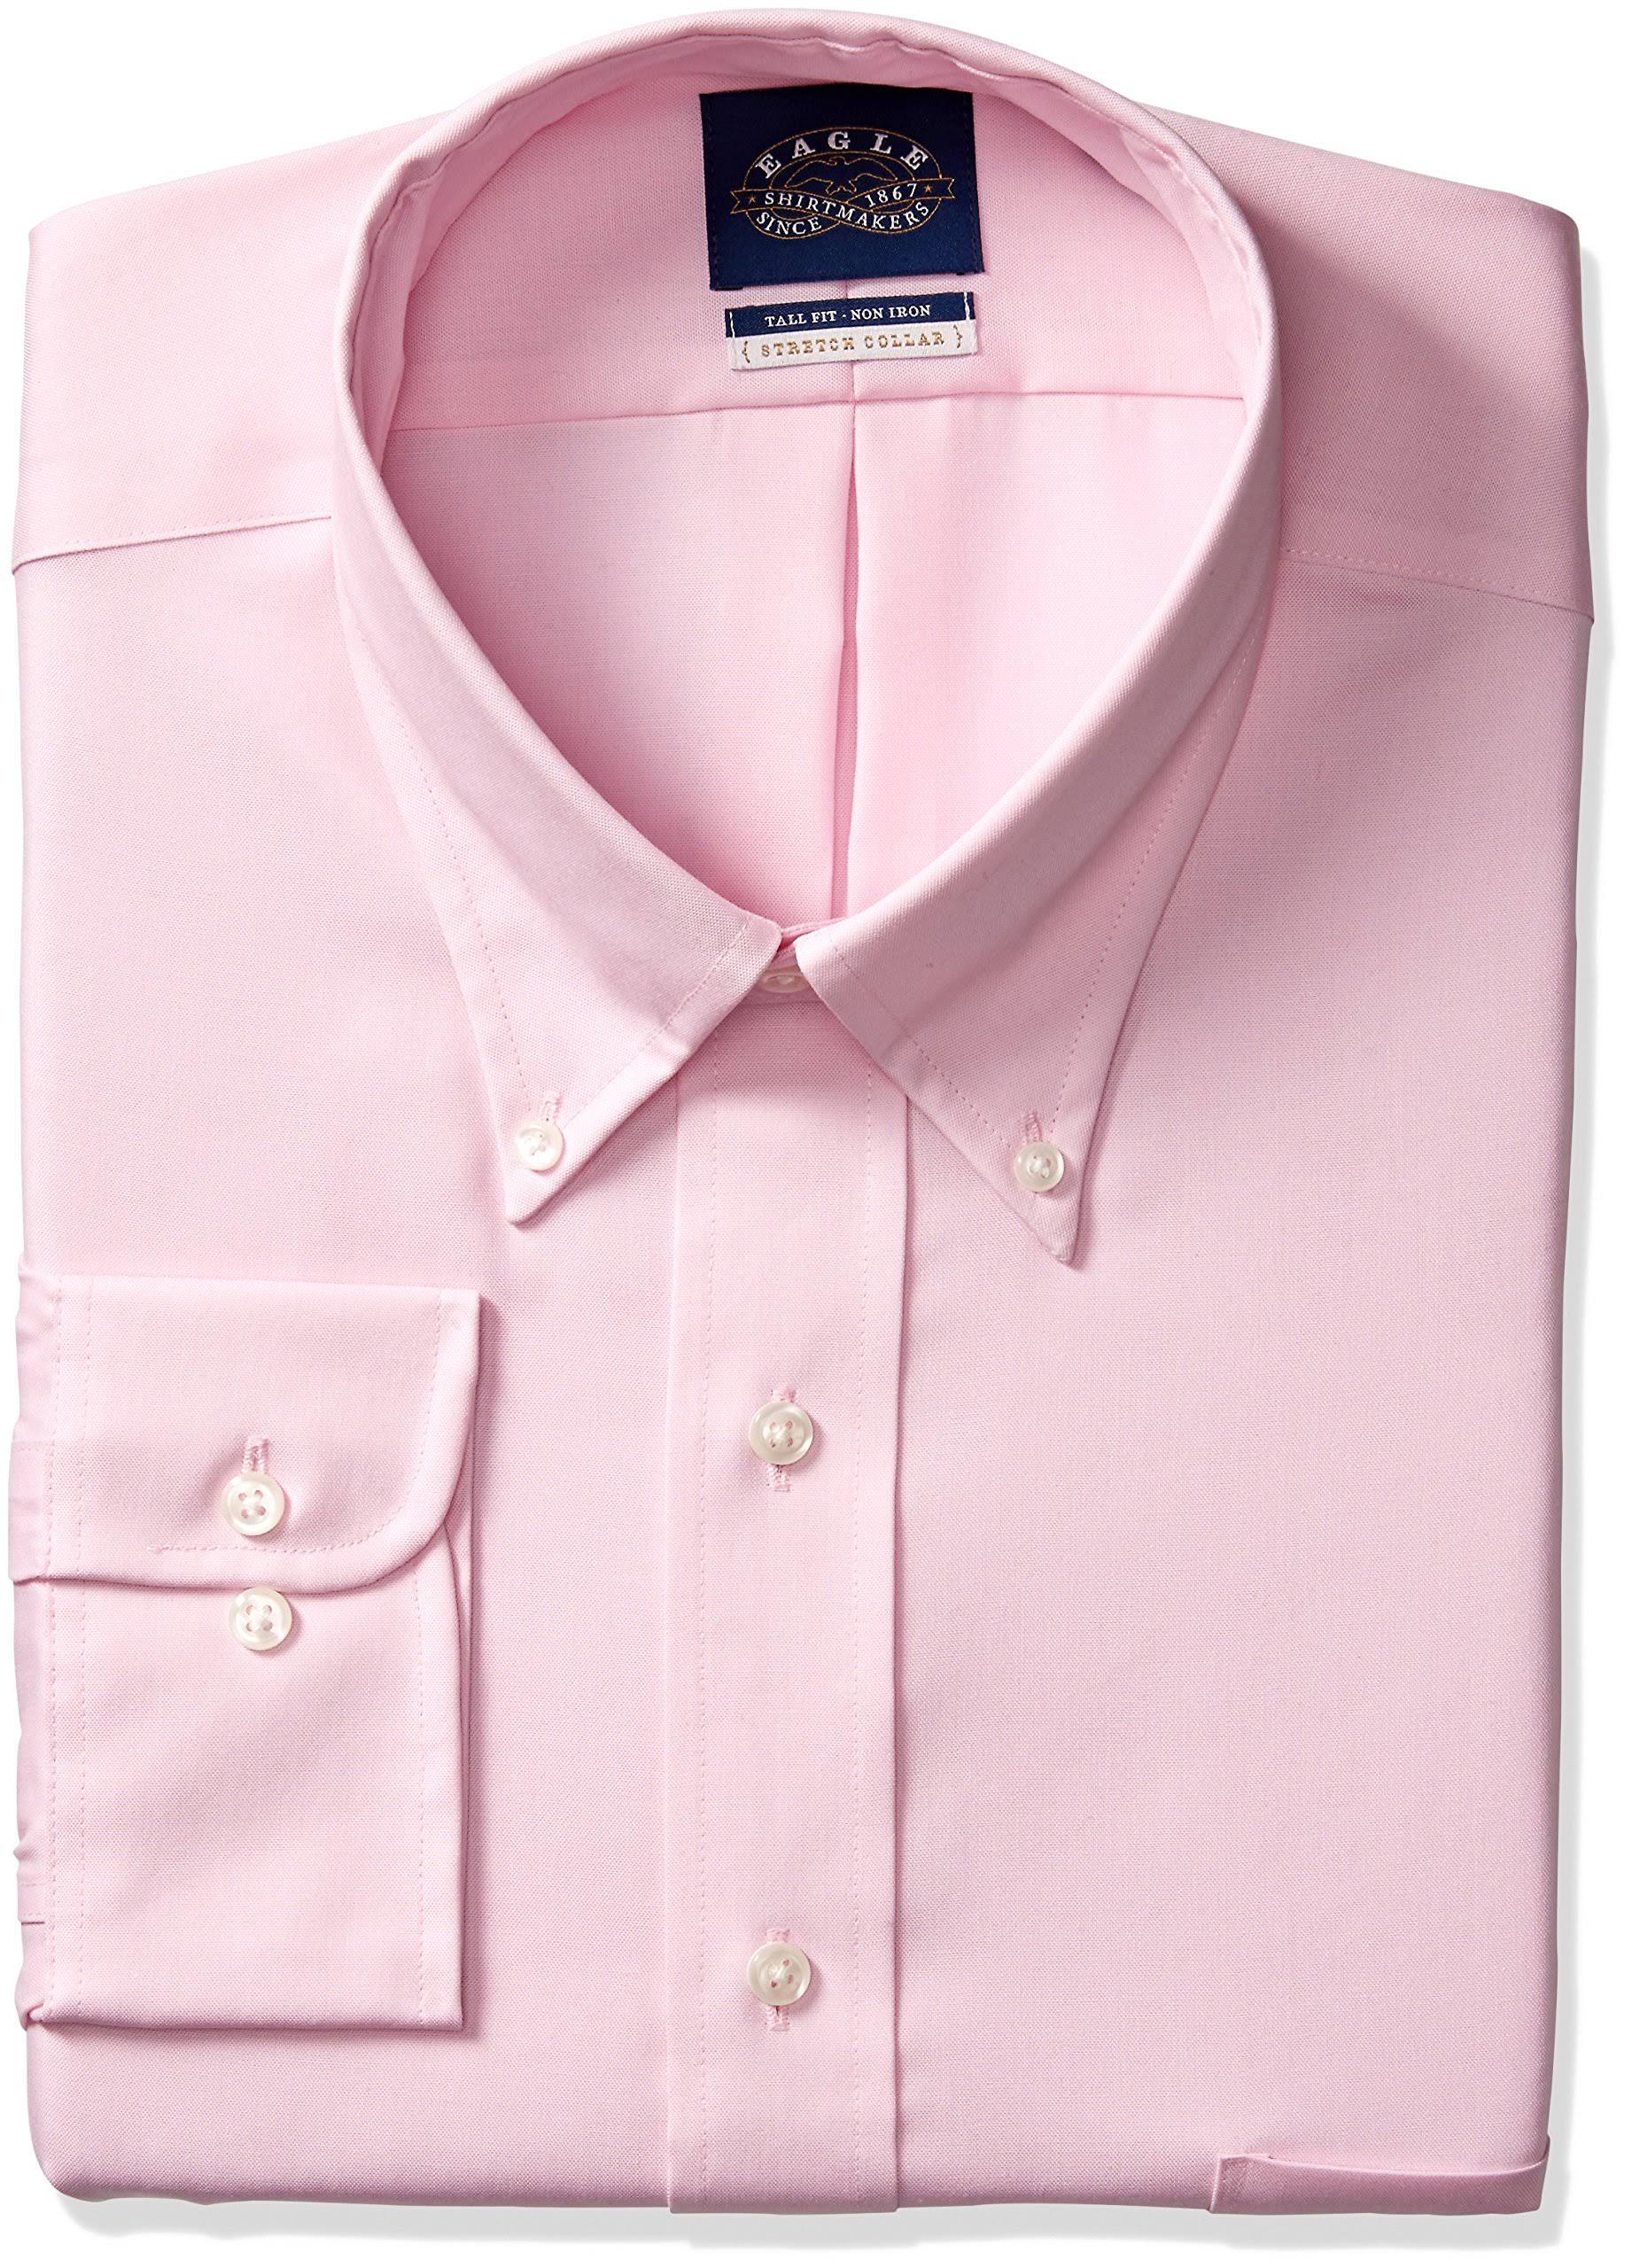 Hombre Grande Hierro Para 35 Elástico Clásico Cuello Recto Sin 36 Eagle Con Vestir Y De Rosa Camisa 5 16 Corte wzq7164